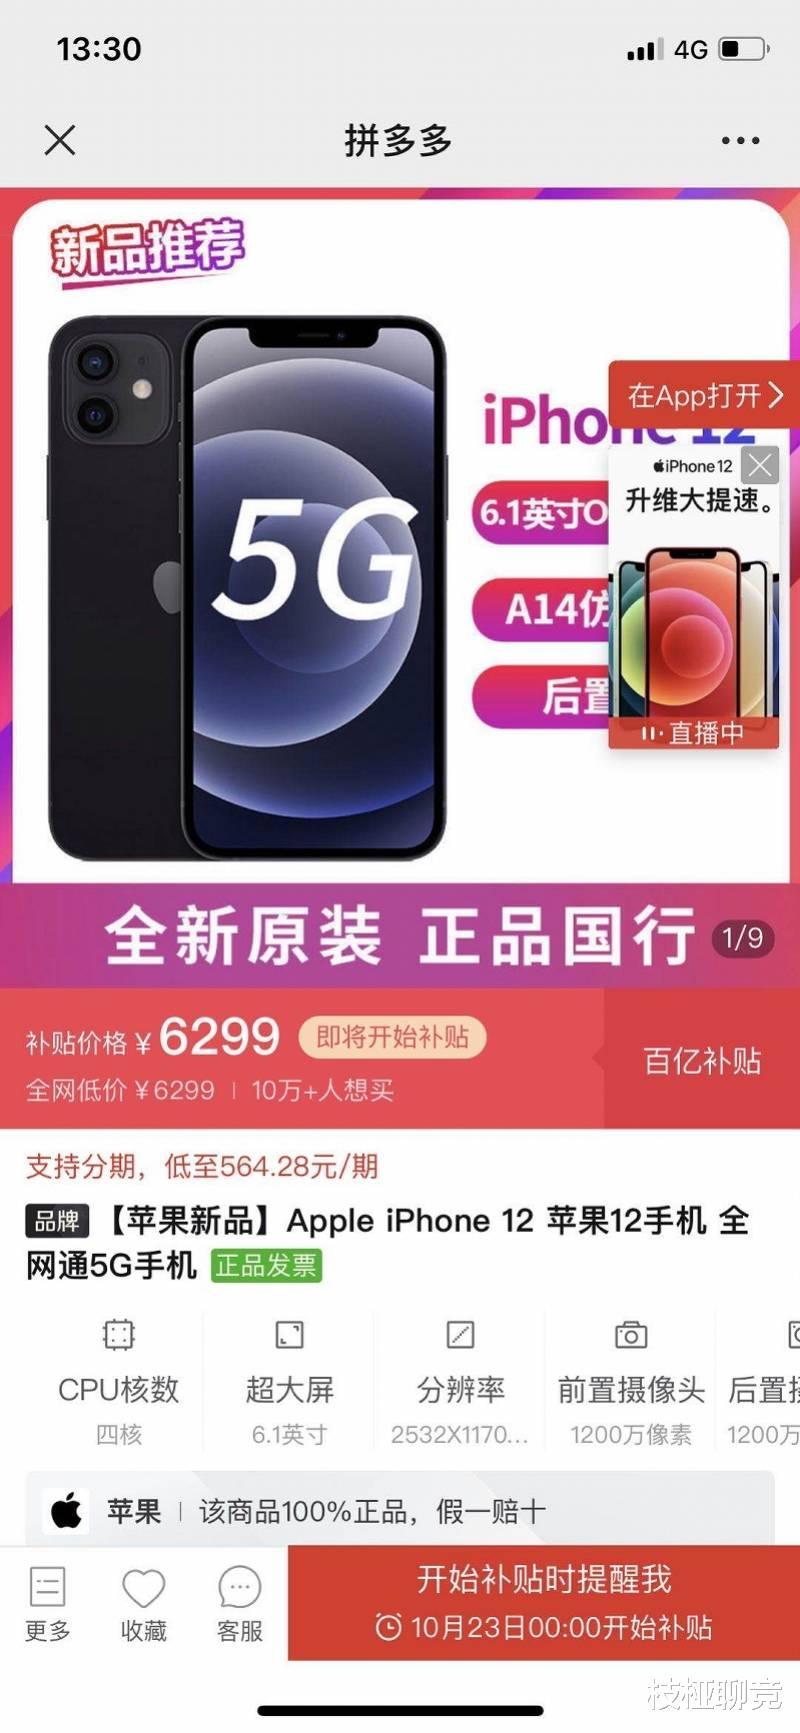 iPhone12預售火爆蘋果官網被擠崩, 電商首批機型售罄-圖2